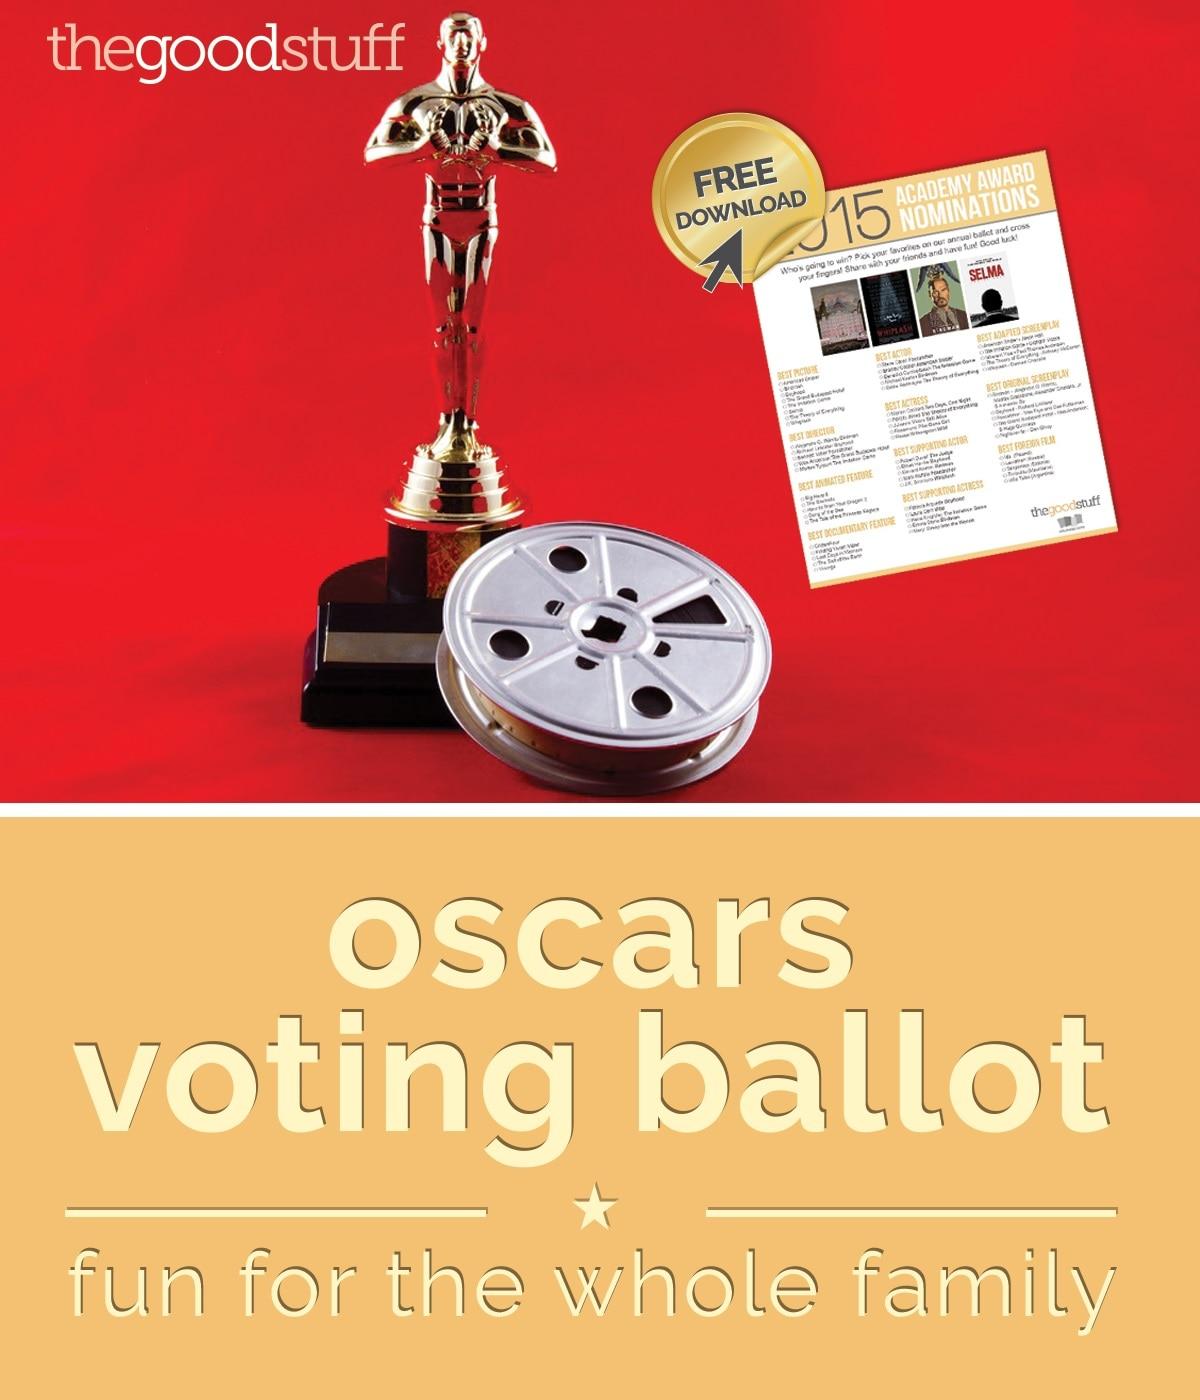 life-oscars-voting-ballot-printable